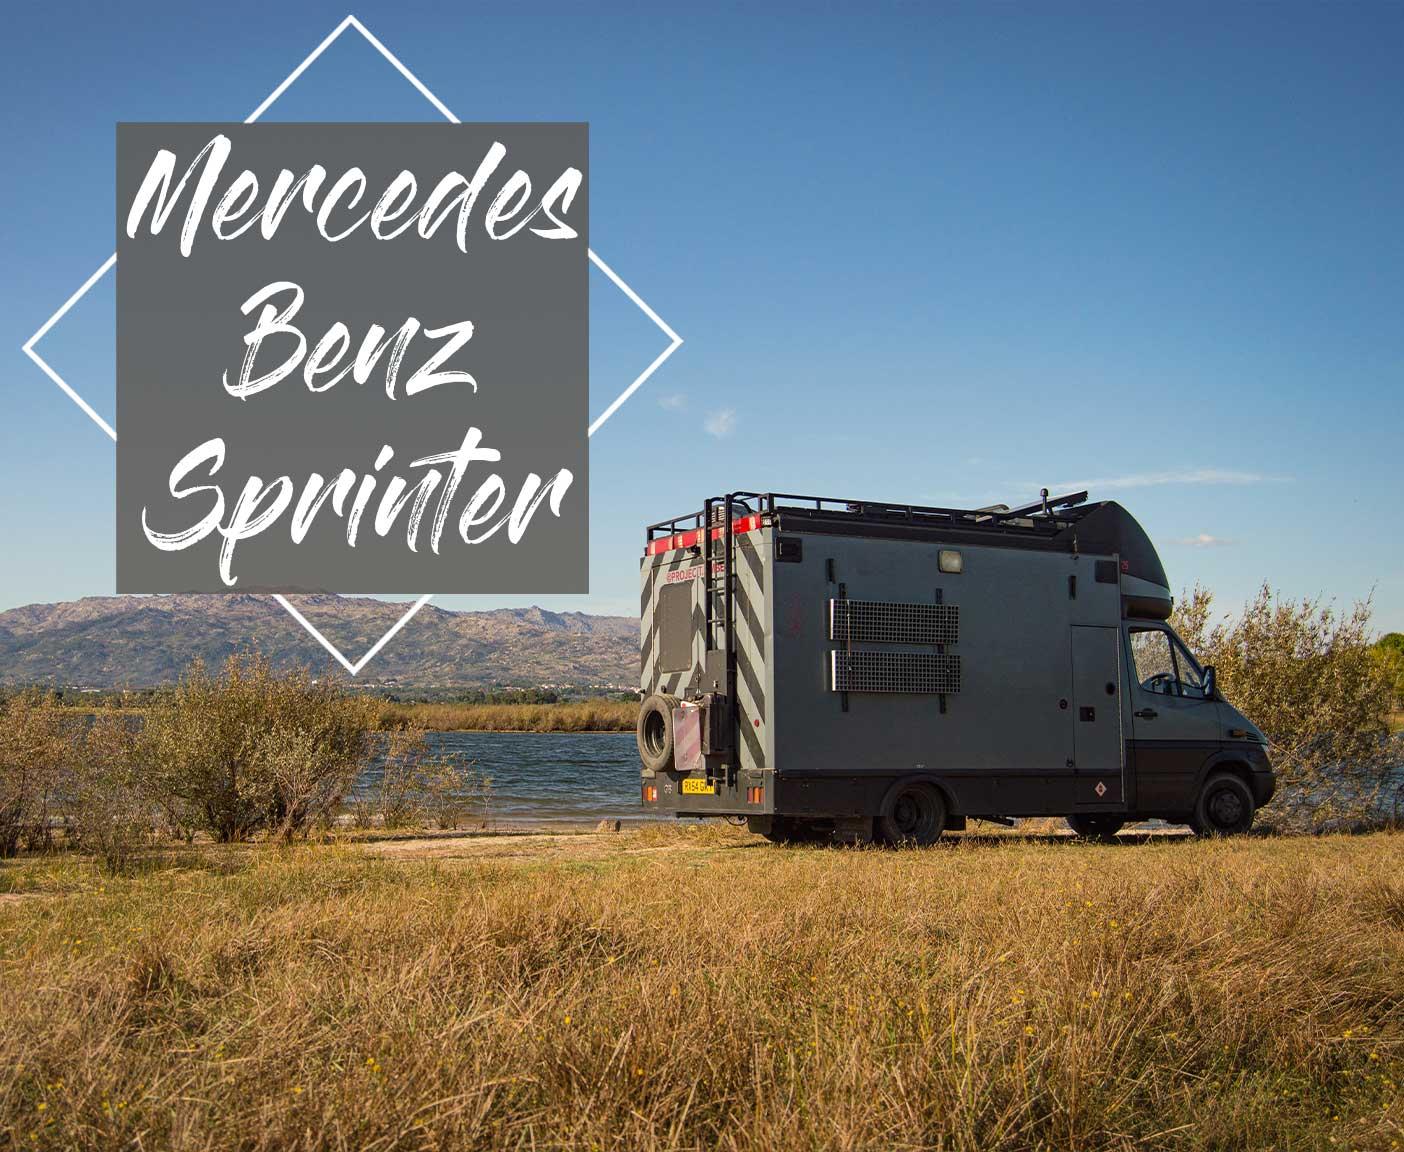 Mercedes-Benz-Sprinter-Vollzeit-im-ausgebauten-Ambulanzfahrzeug